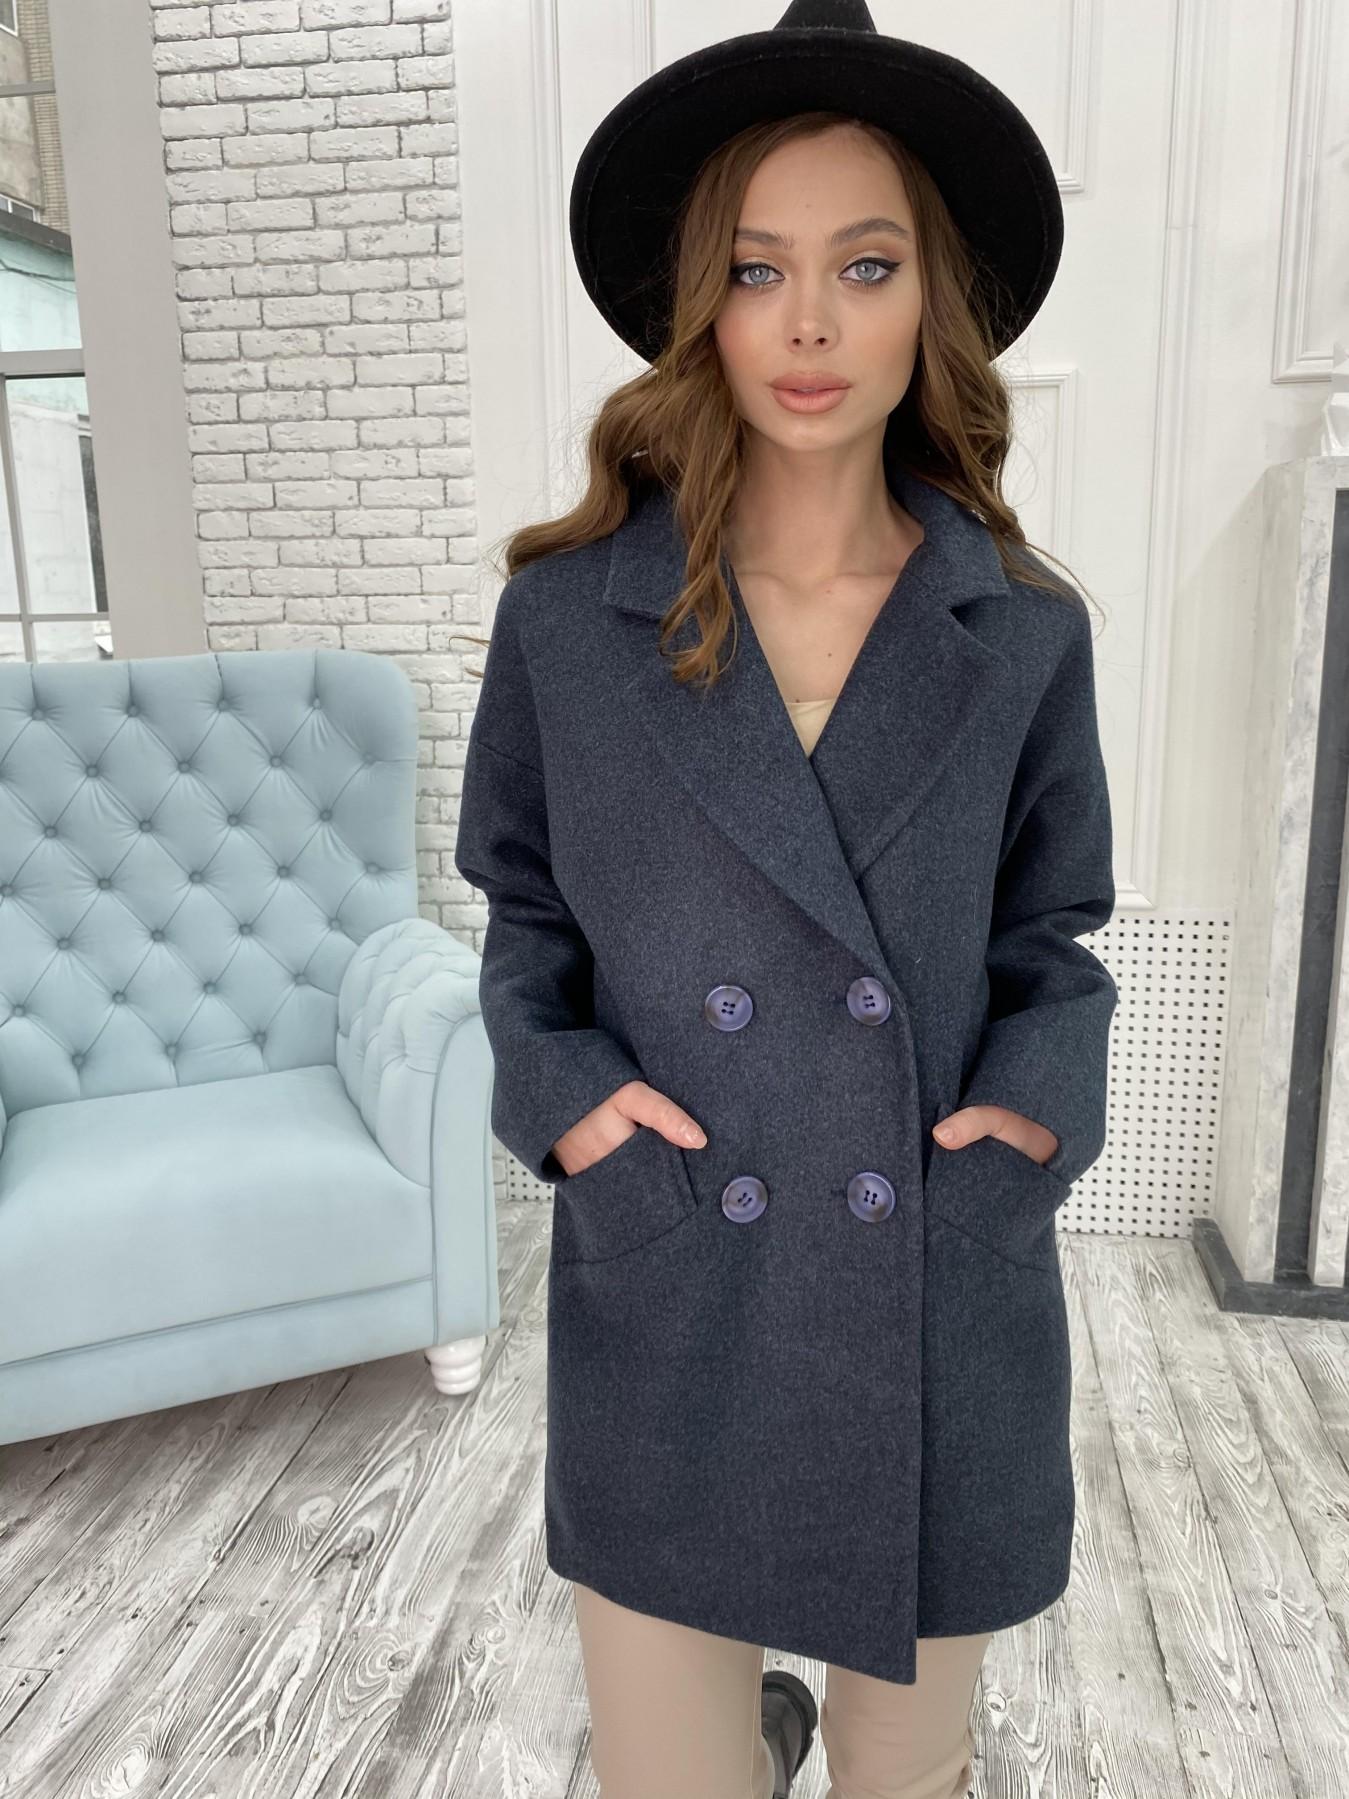 Бонд пальто  кашемировое меланж на трикотаже  10644 АРТ. 47186 Цвет: Т.синий 48 - фото 1, интернет магазин tm-modus.ru